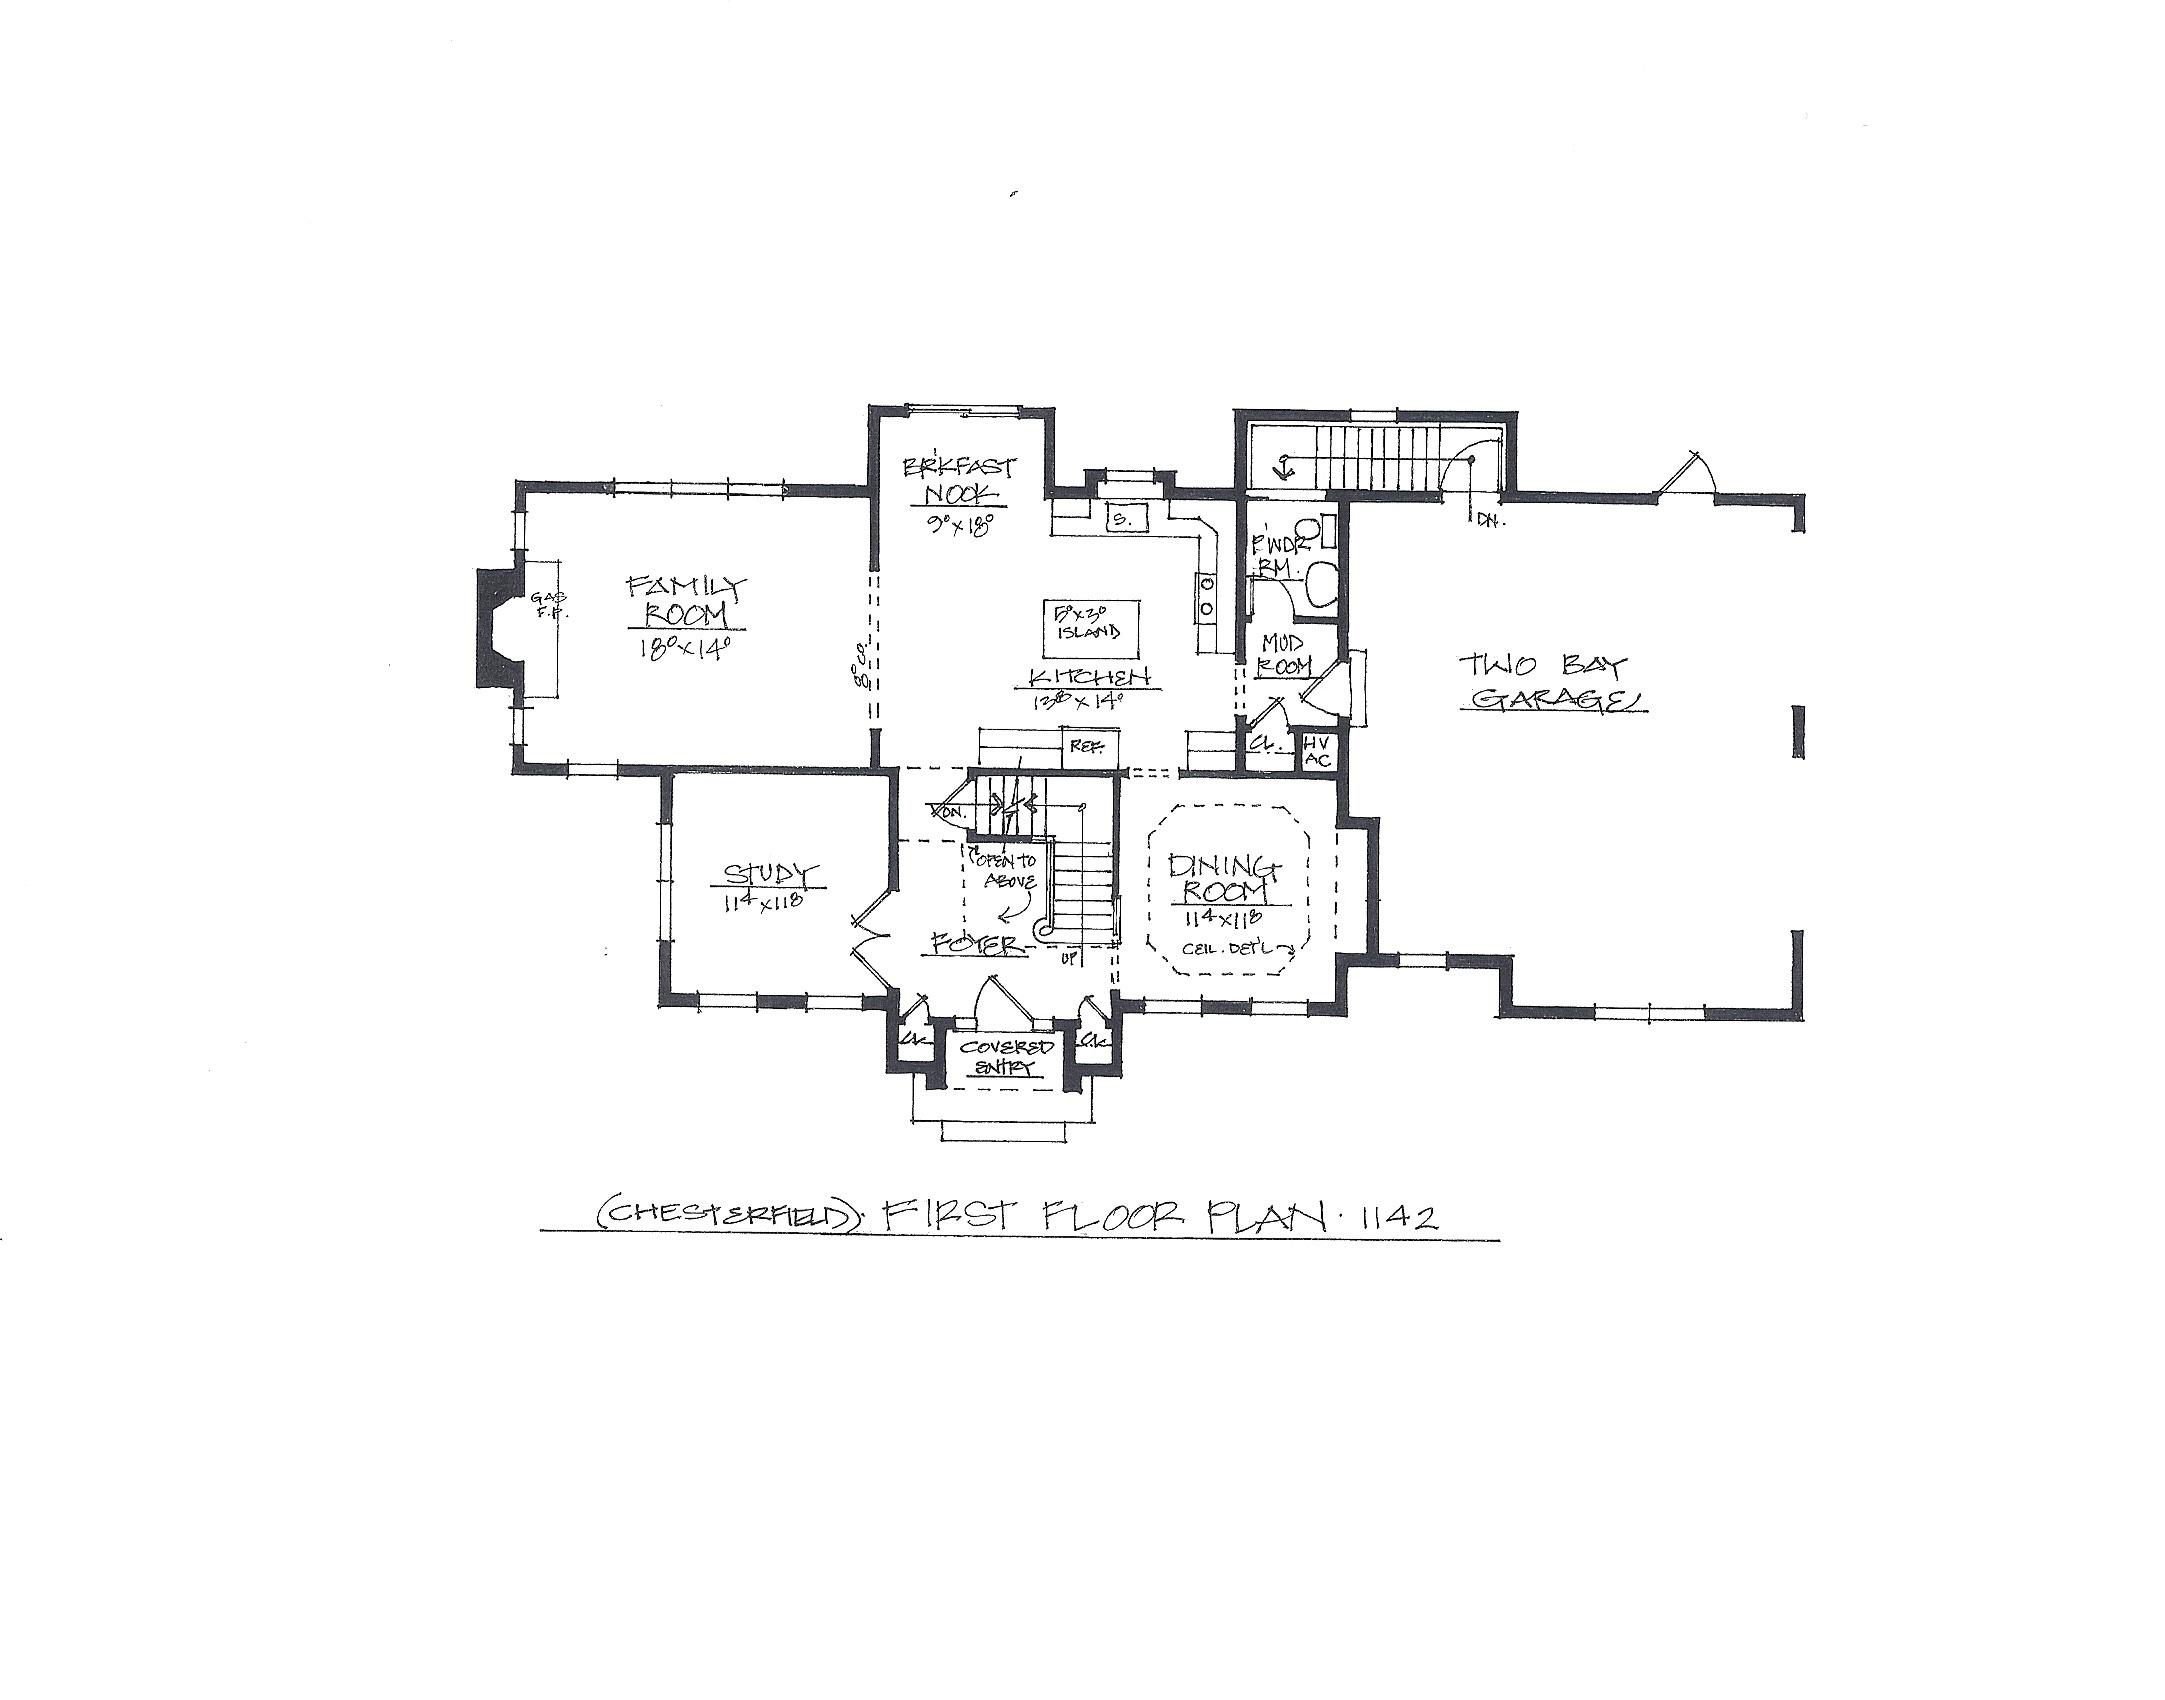 Chesterfield- 1st floor plan.jpg